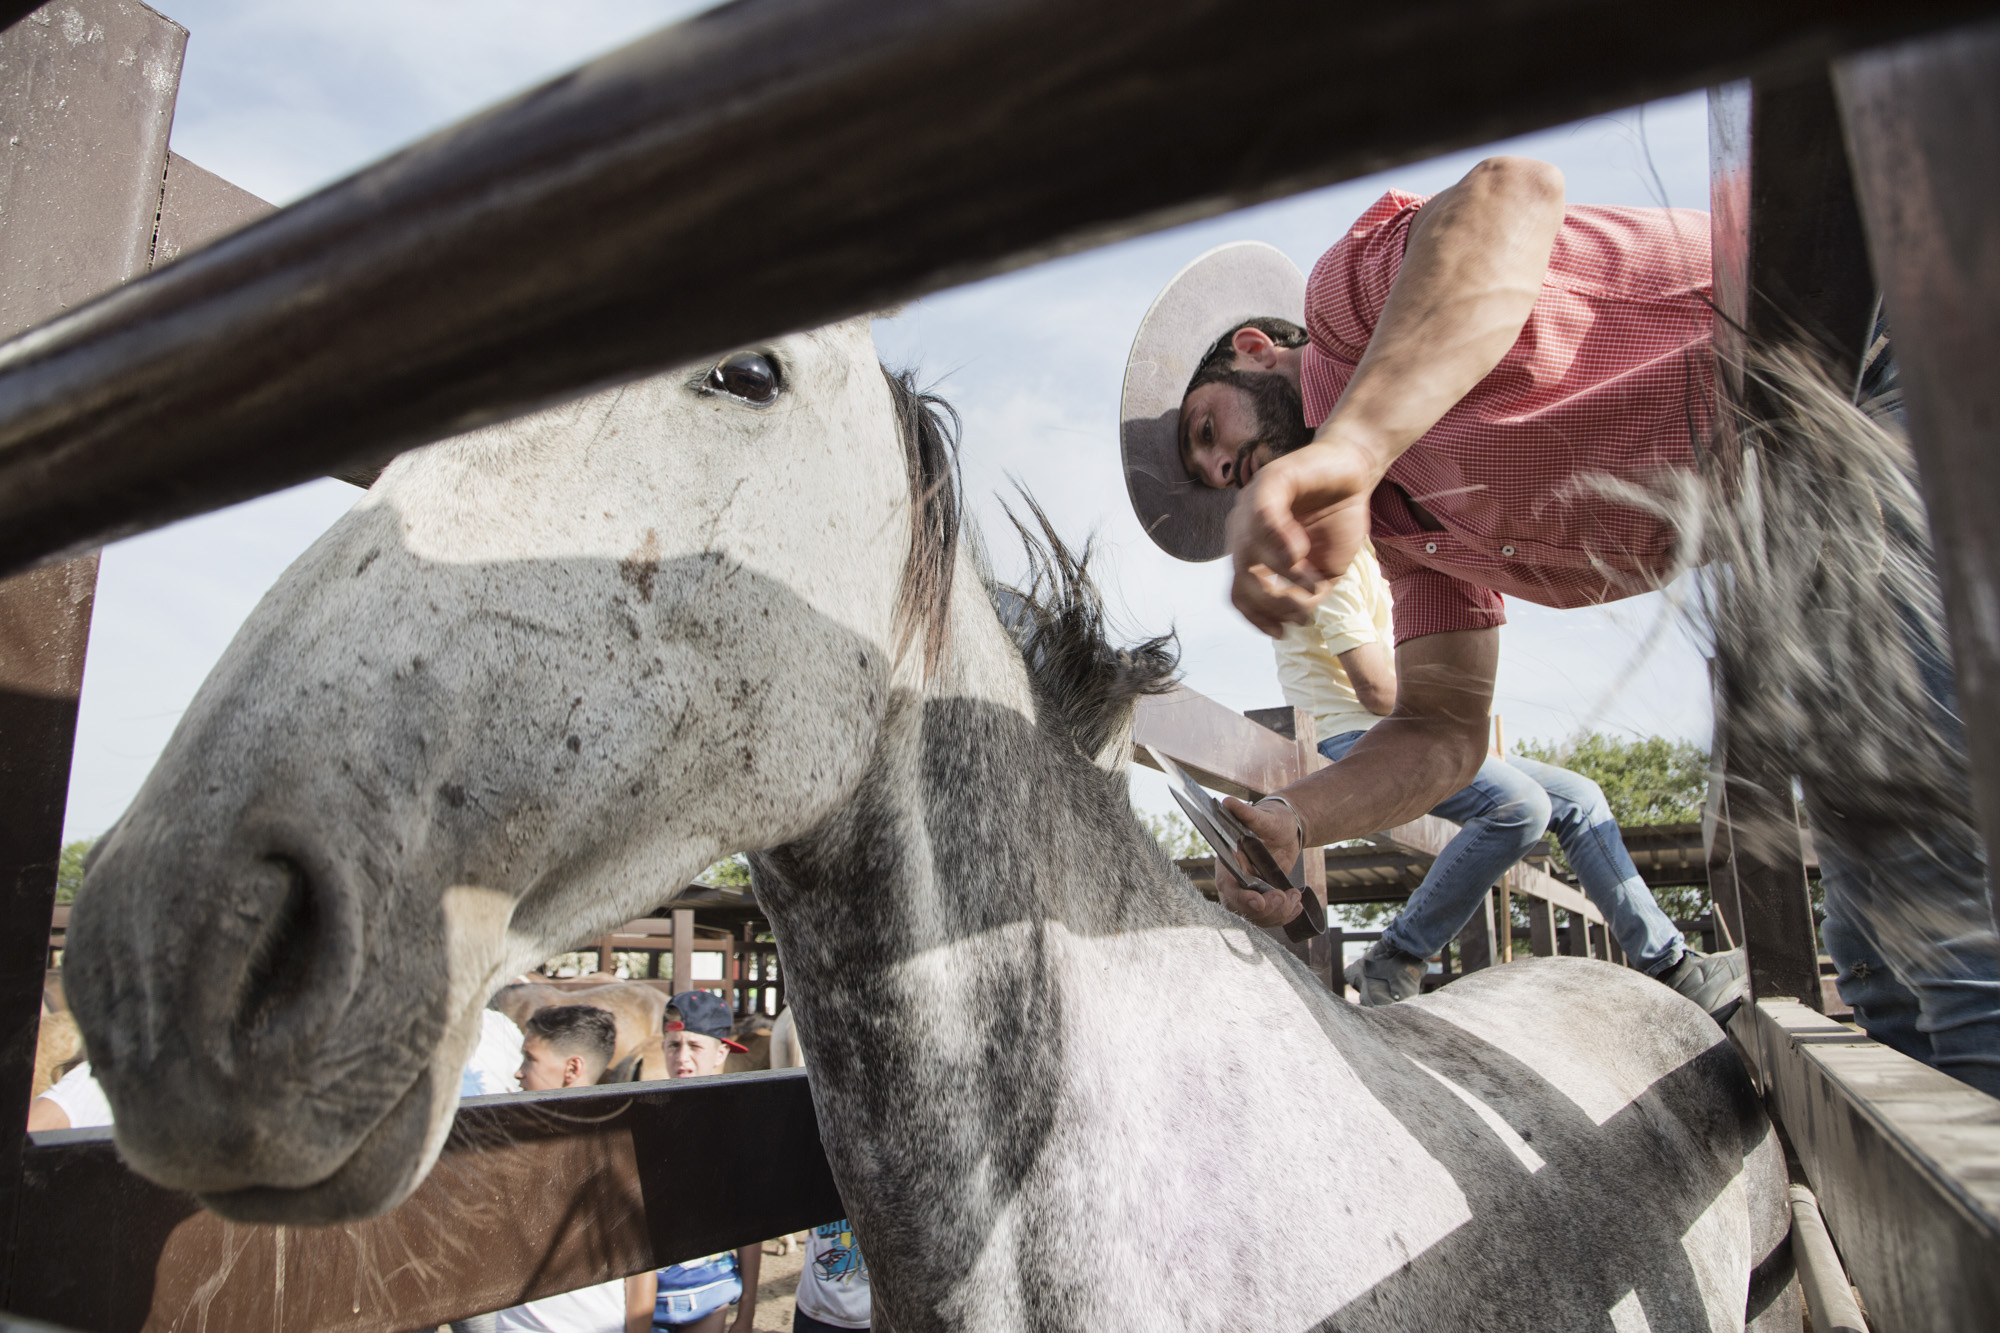 Spanien, Andalusien, Provinz Huelva, Almonte. Saca de Yeguas. Einmal im Jahr am 26. Juni werden die Stuten und Pfohlen  aus dem Doñana Nationalpark nach Almonte getrieben. Die Pferde der Marismeño Rasse nahm schon Kolumbus mit nach Amerika. Sie sind die Vorfahren der Mustangs.